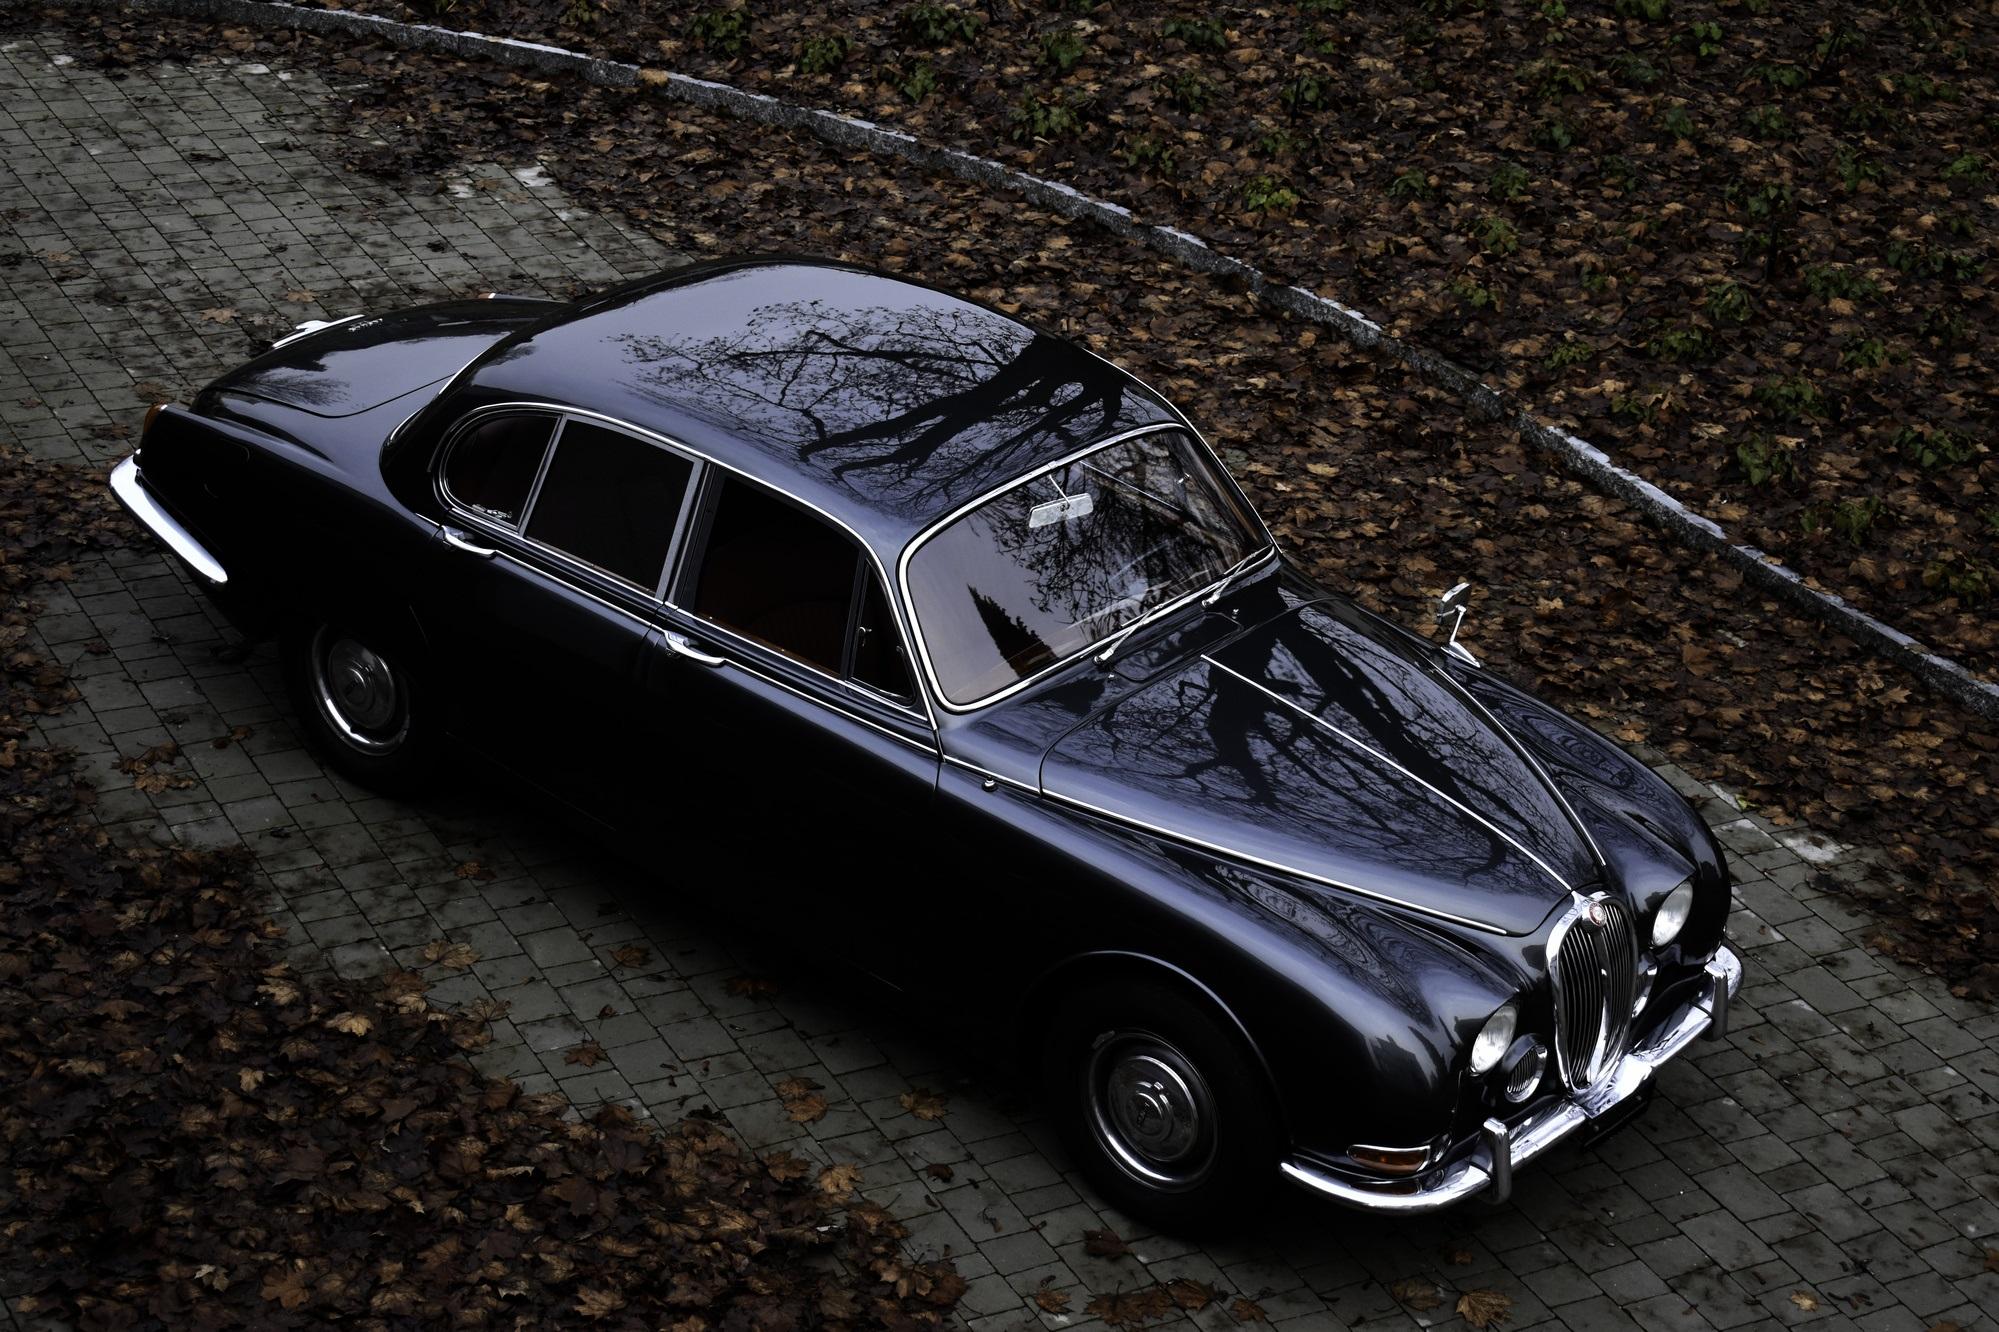 Dunkelgrauer 1966 Jaguar S-Type 3.8 Litre Oldtimer Veteranenfahrzeug in Dreiviertelansicht von vorne oben rechts